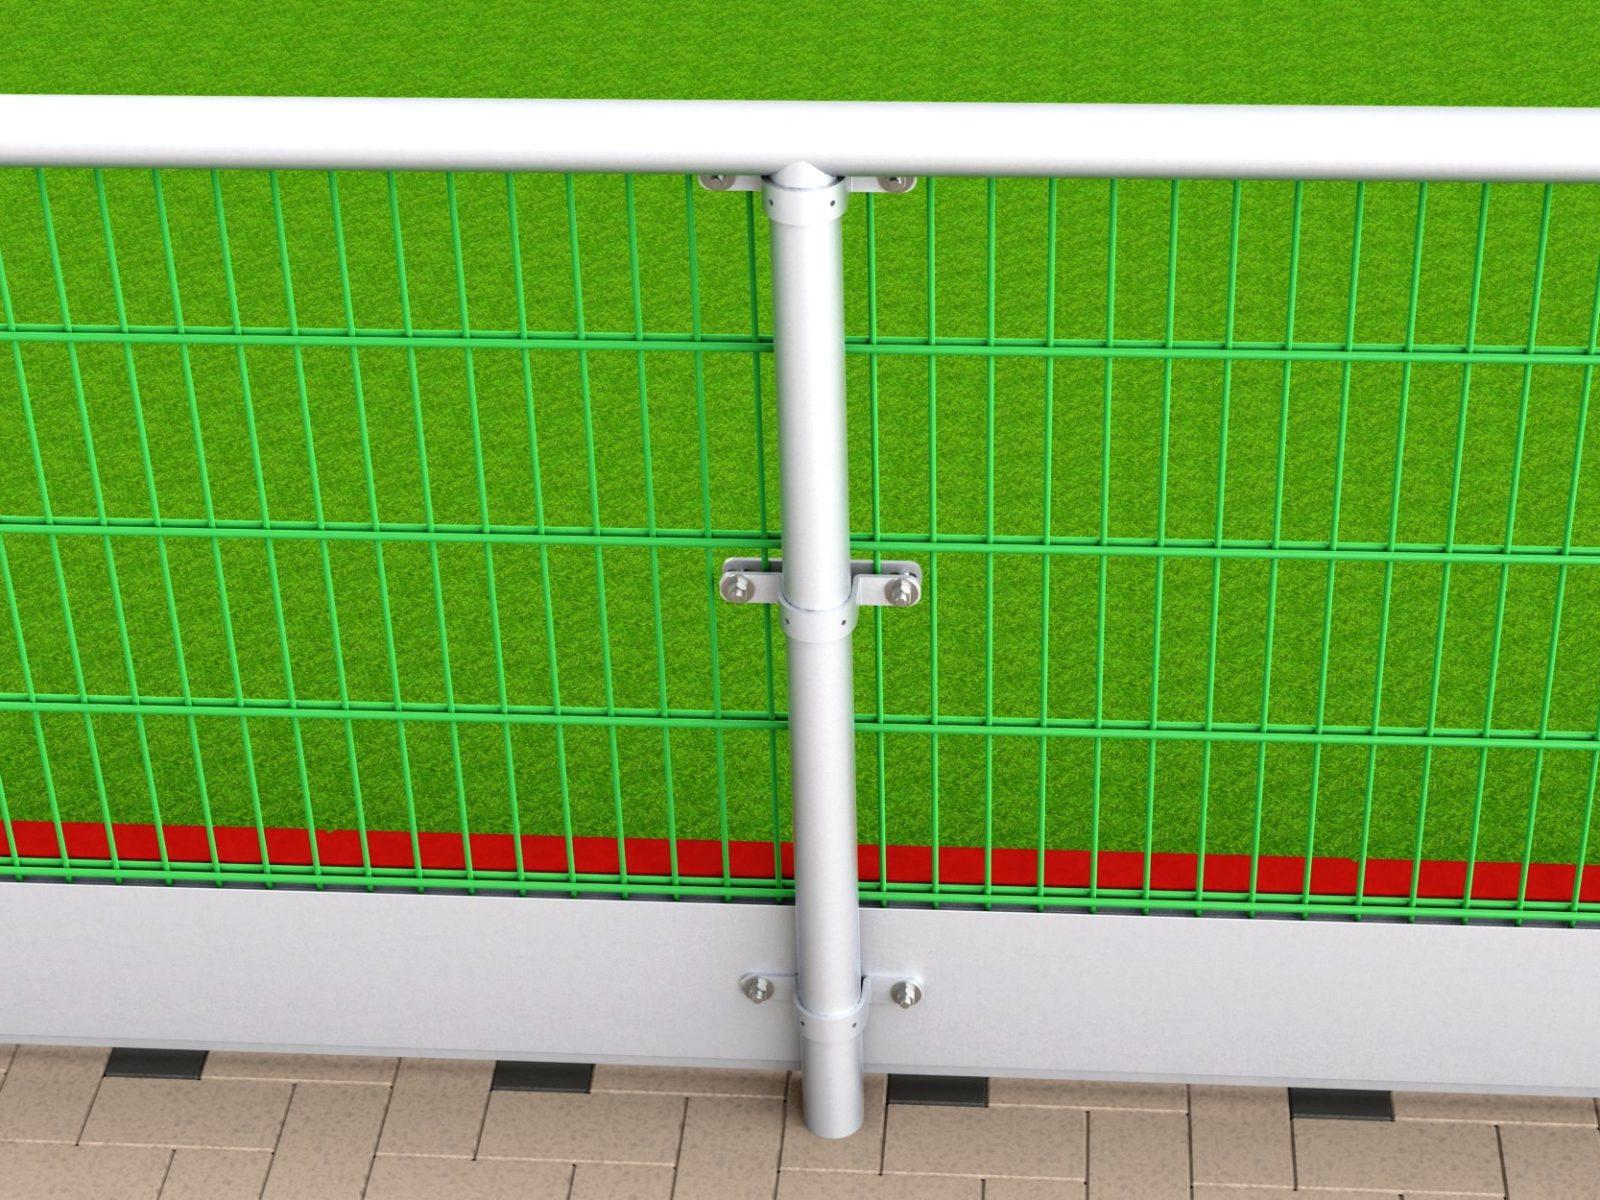 Prallschutzbohle für Hockeyfelder aus Aluminium / Kunststoff von artec 180 m